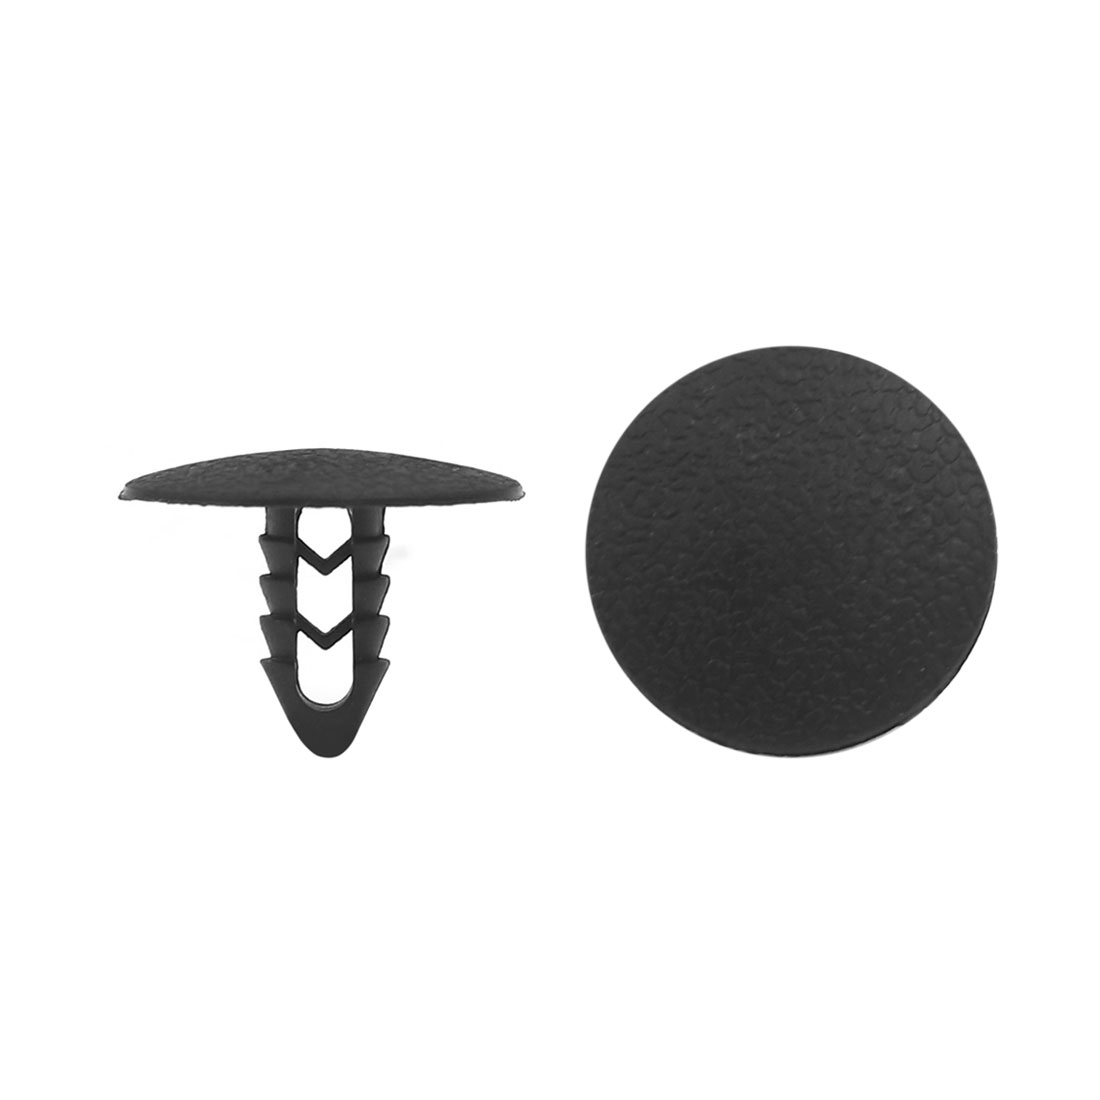 30pcs 25mm Head 8mm Hole Plastic Door Fender Bumper Push Rivets Clip for Car